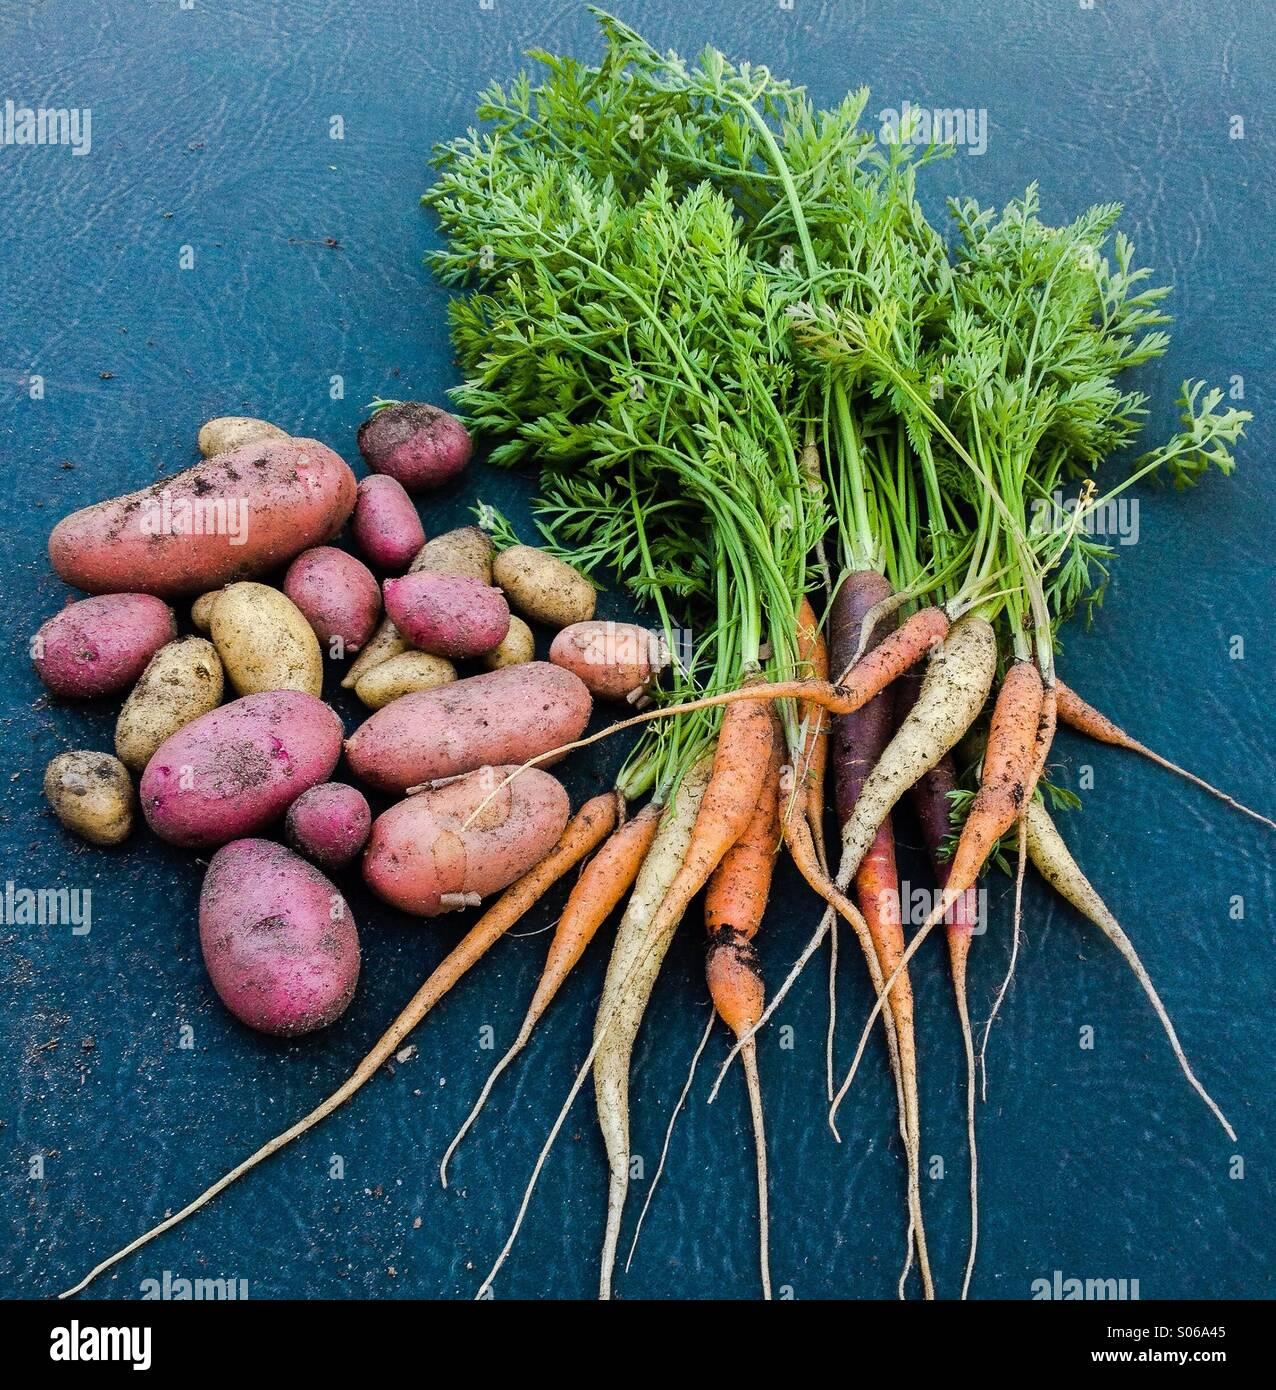 Wurzelgemüse, Regenbogen-Karotten und Kartoffeln Fingerling. Städtische Landwirtschaft. Stockbild